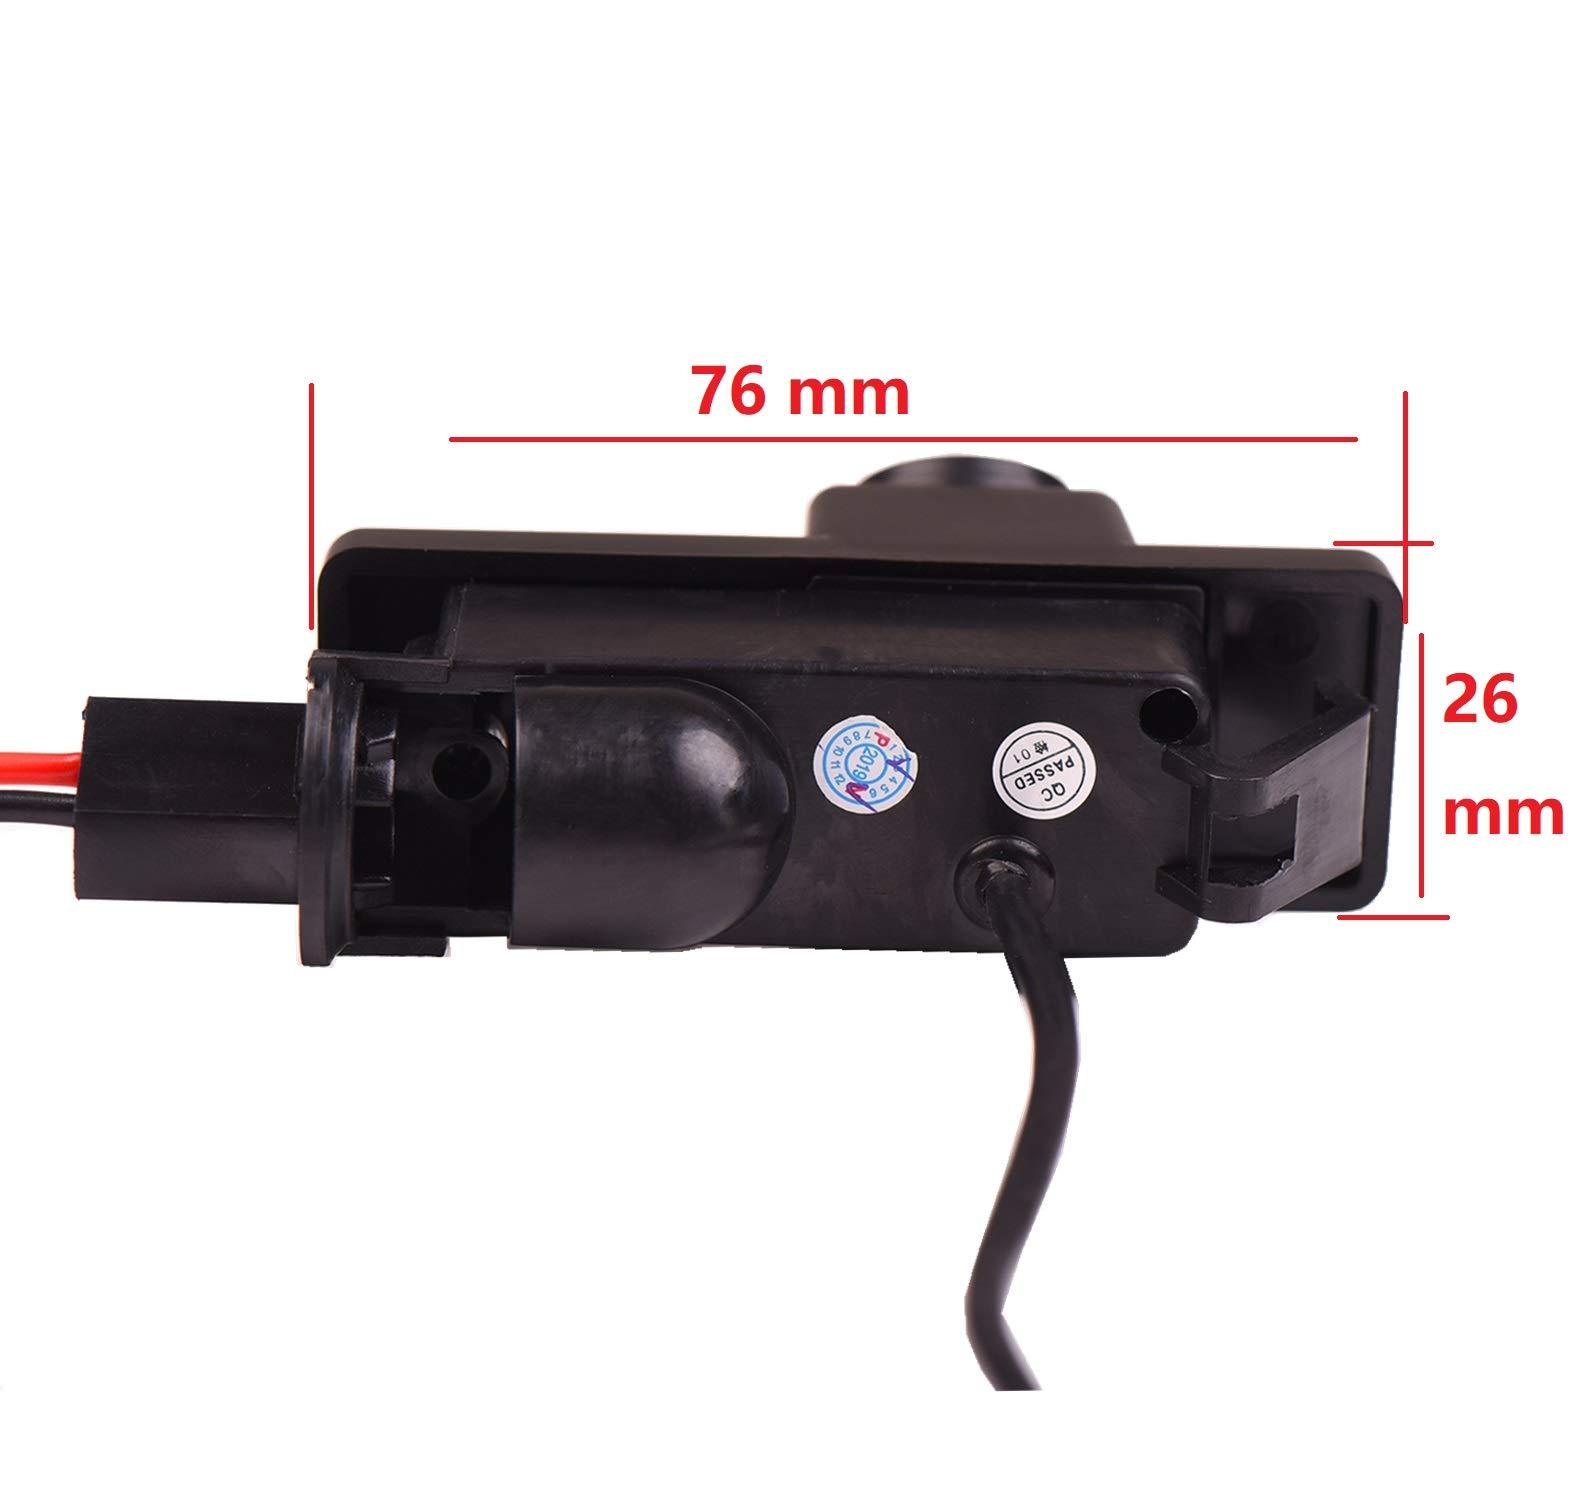 Nachtsicht-Wasserdicht-Farbkamera-170-HD-Rckfahrkamera-Kennzeichenleuchte-Einparkhilfe-Kamera-fr-Mercedes-Benz-Viano-2004-2012-Vito-2004-2012-Sprinter-2004-2012-W639